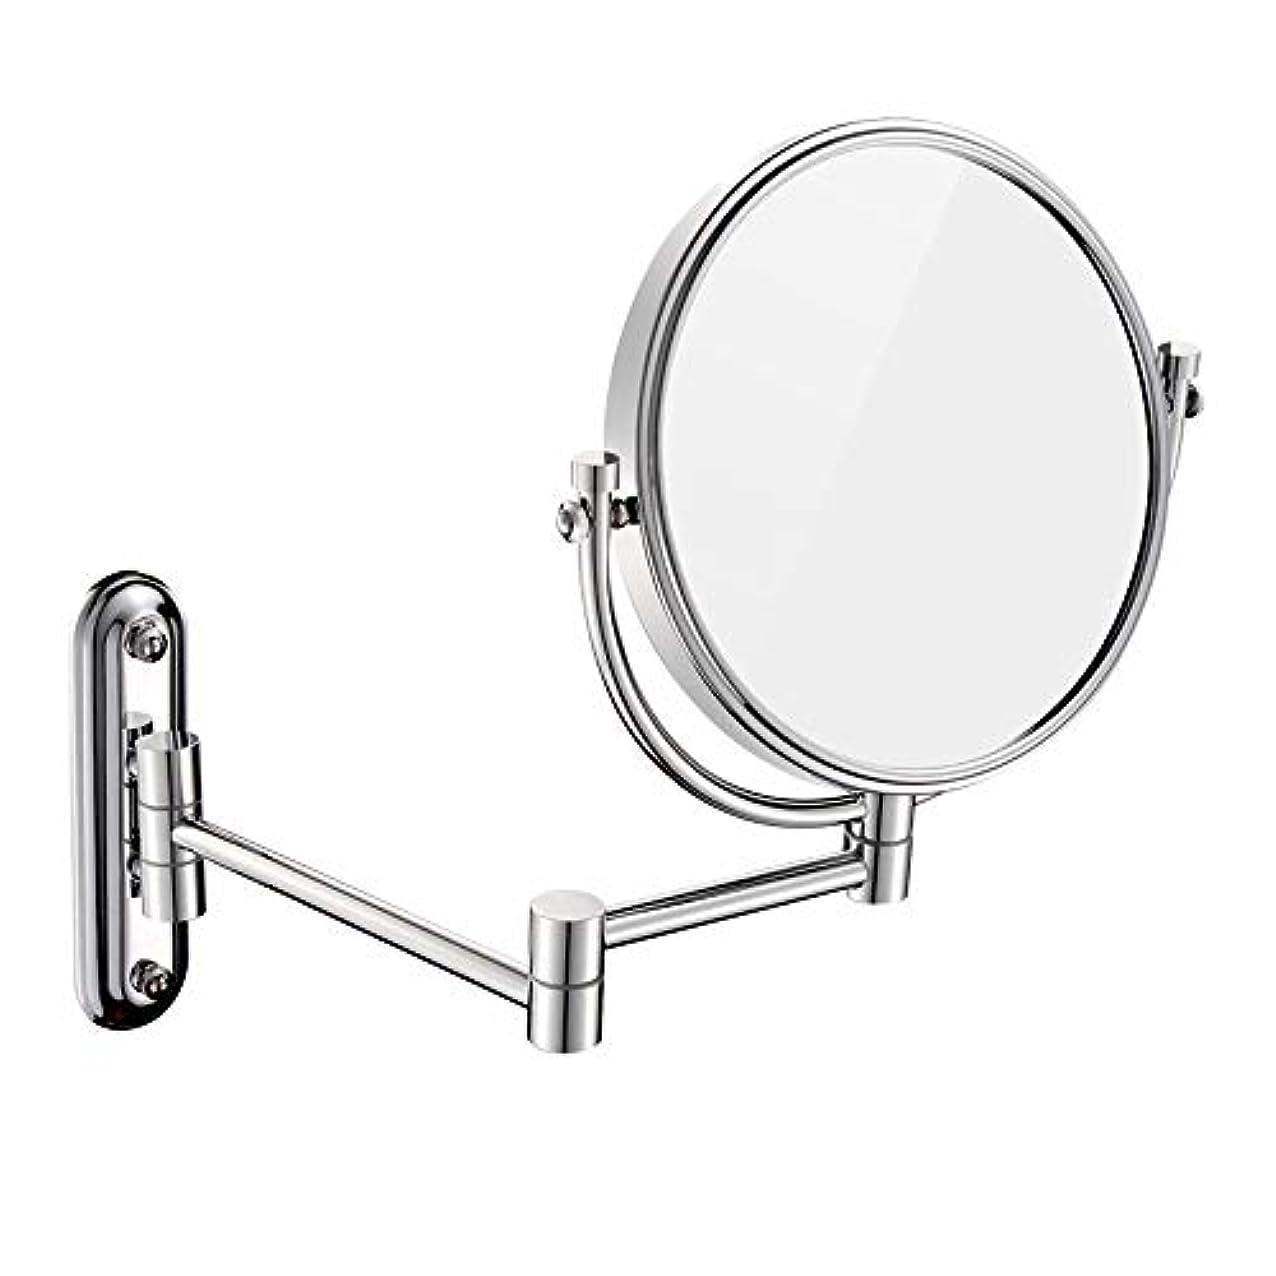 パケット分布ホバートFENDOUBA 化粧鏡 3倍拡大両面壁マウント化粧鏡、360°回転可能、8インチ、ラウンド